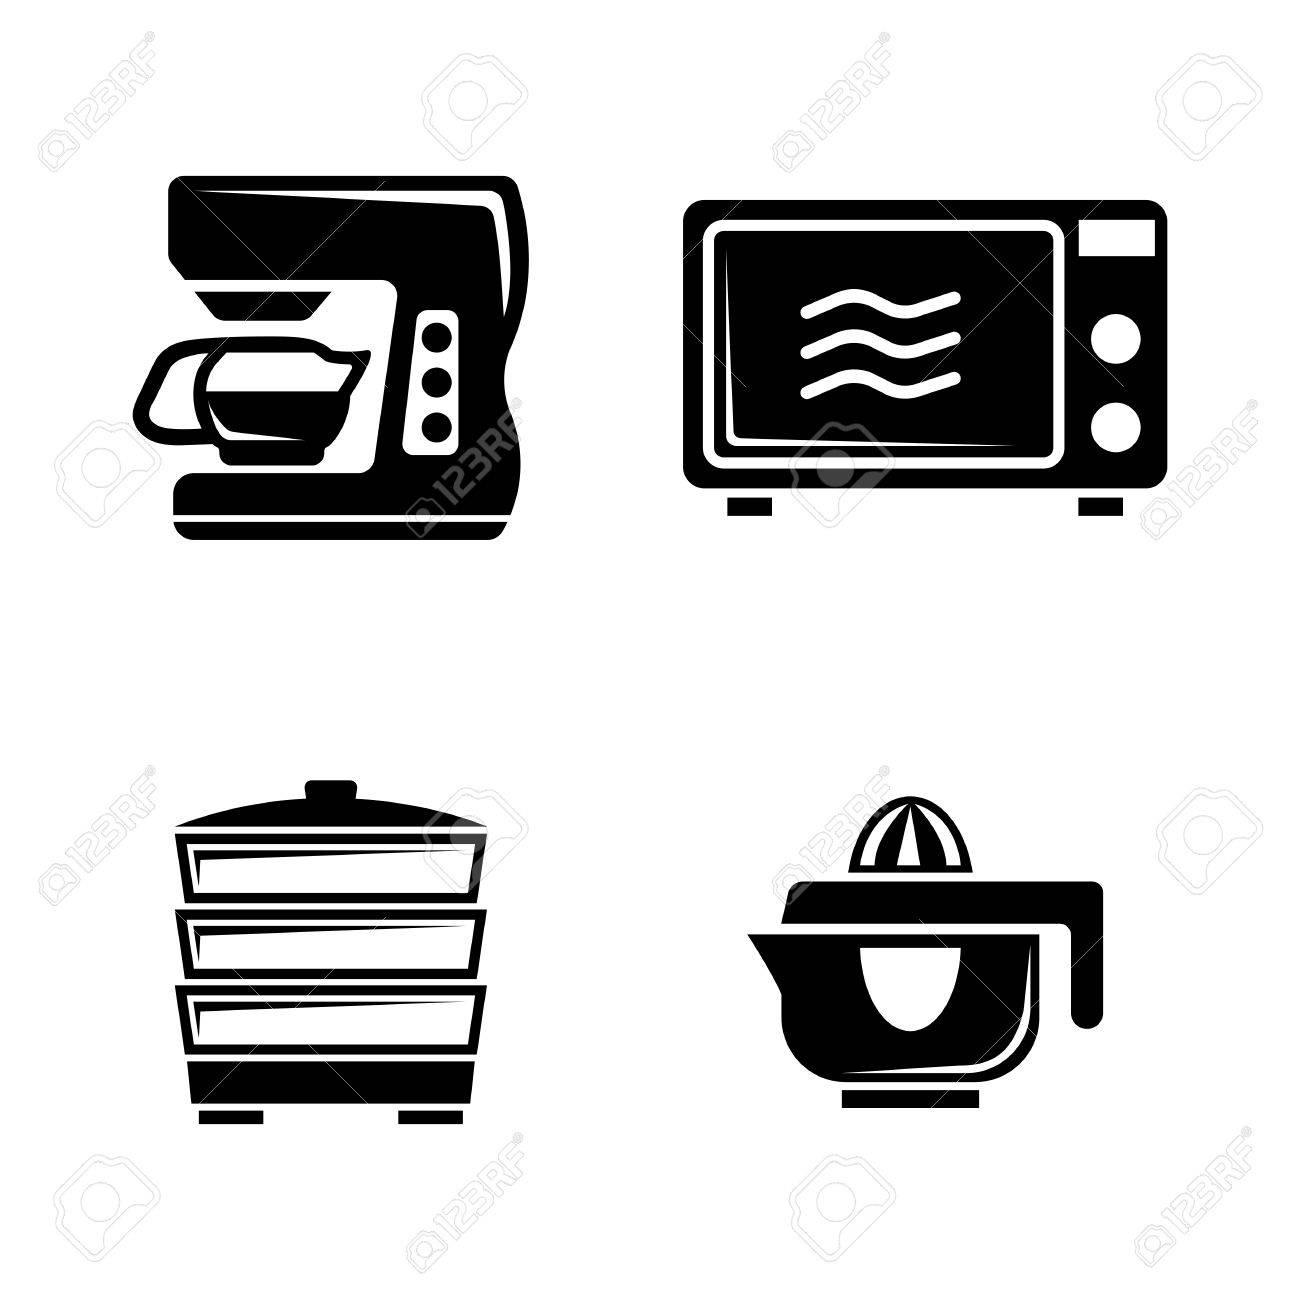 Kuchenzubehor Einfache Verwandte Vektor Icons Set Fur Video Mobile Apps Webseiten Print Projekte Und Ihr Design Schwarze Flache Illustration Auf Weissem Hintergrund Lizenzfrei Nutzbare Vektorgrafiken Clip Arts Illustrationen Image 85311297